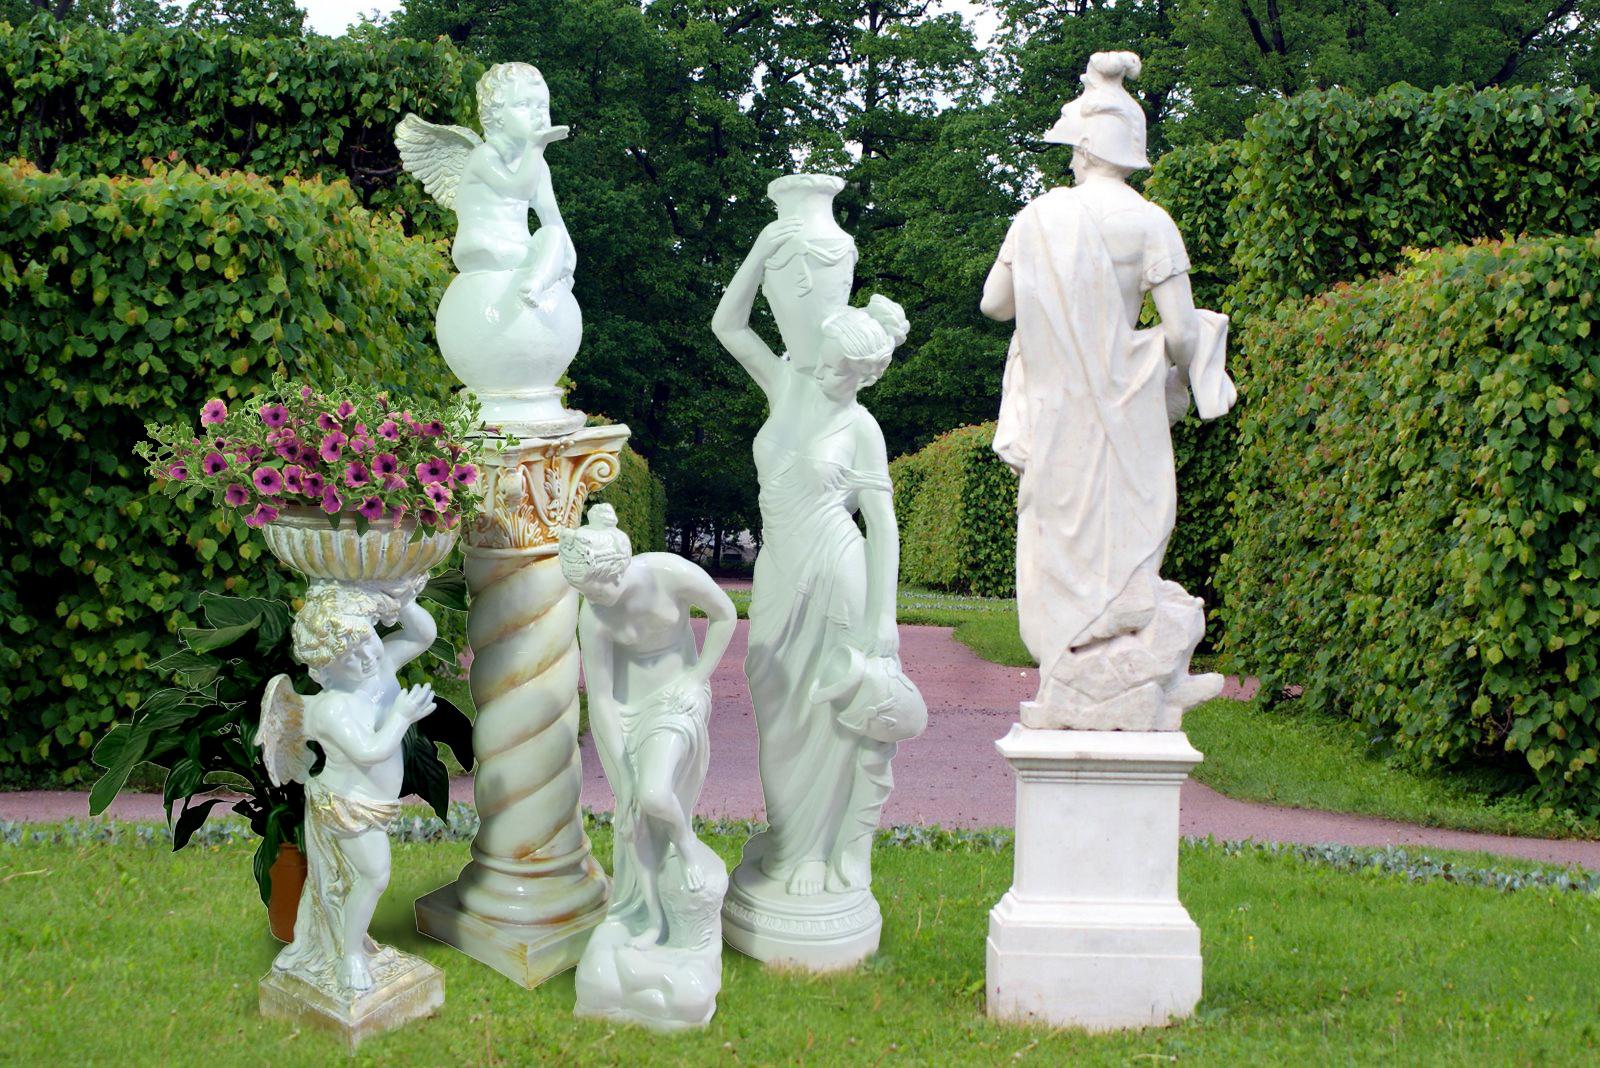 садовые фигуры скульптура купить недорого